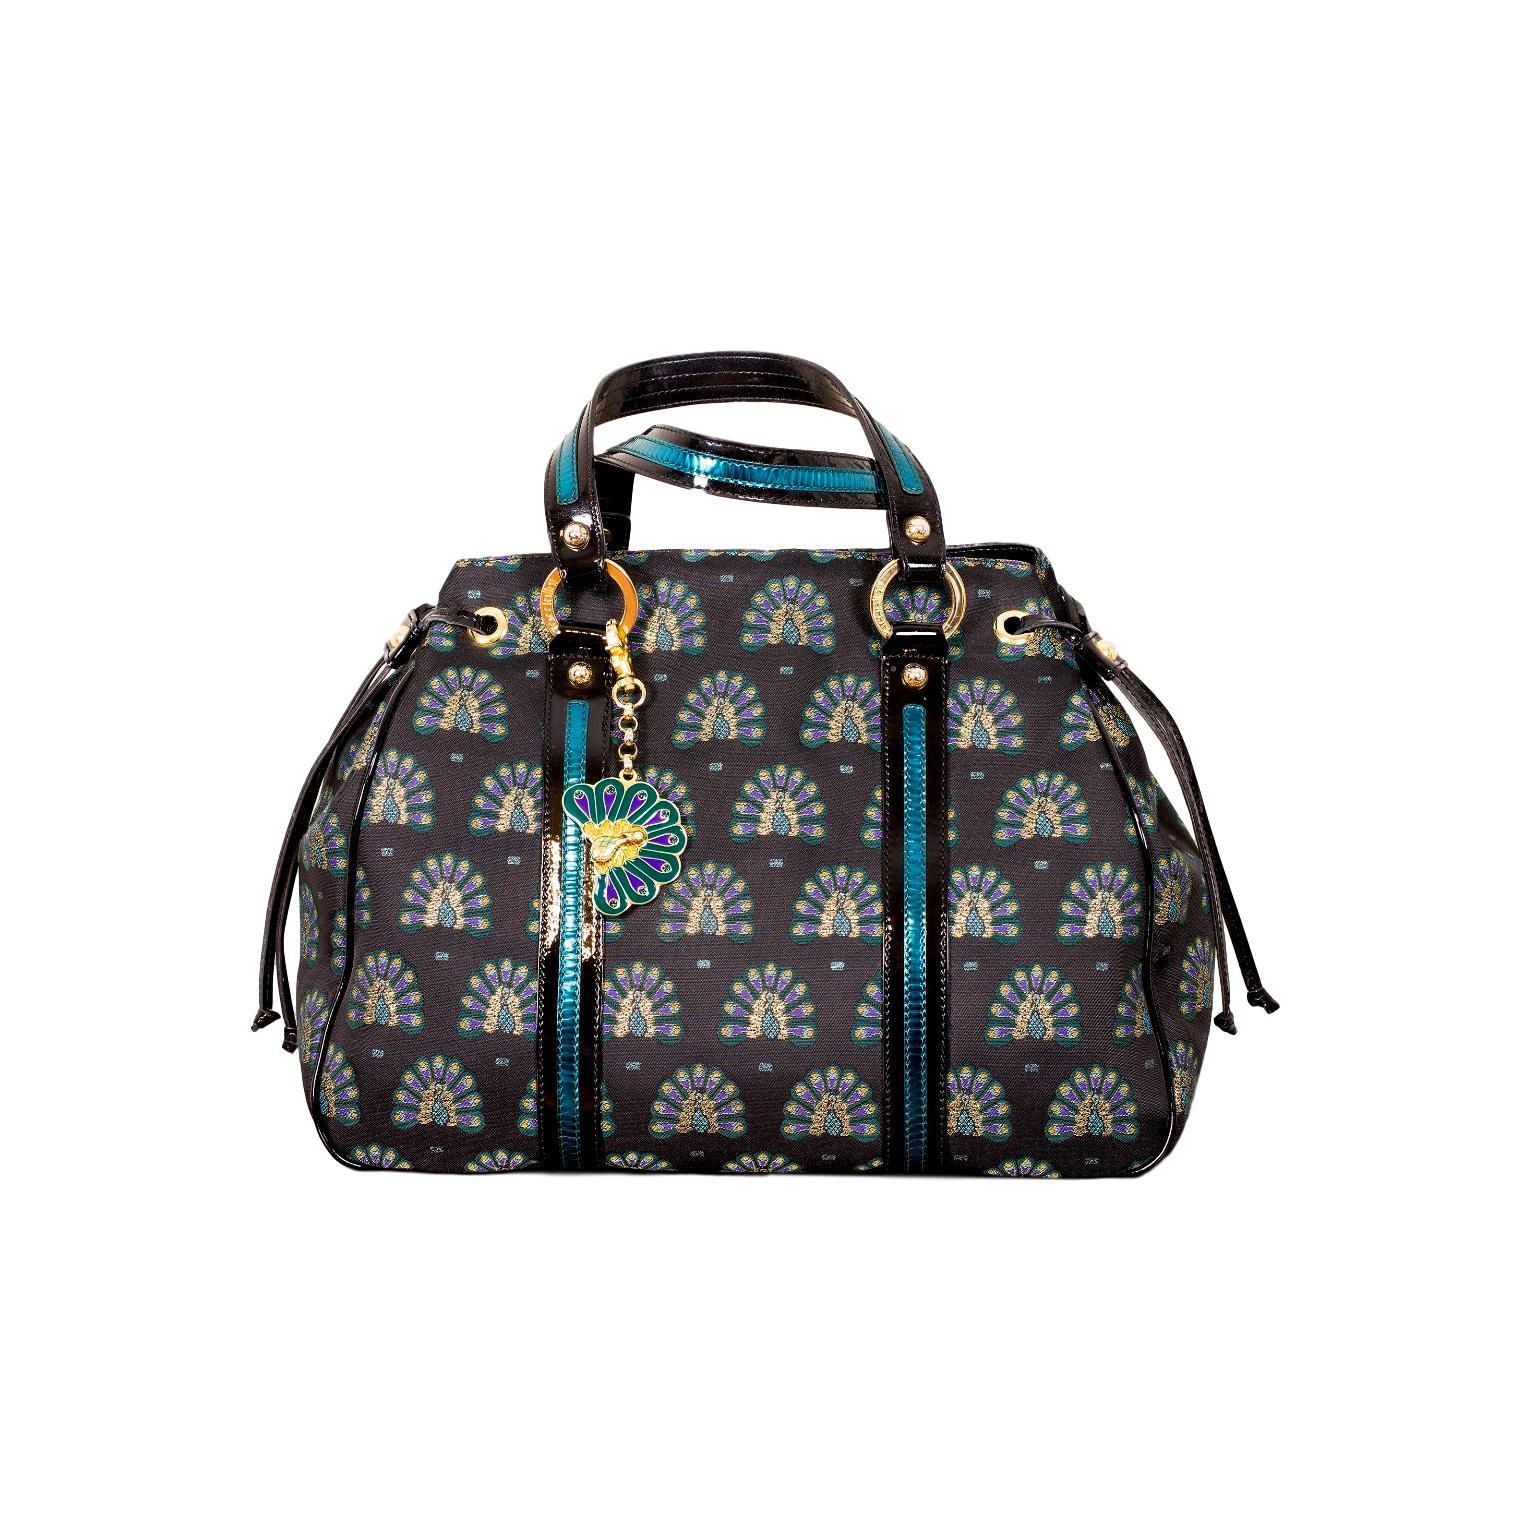 51385d8d37f7 Купить среднюю сумку Braccialini за 7000 руб. в интернет магазине ...